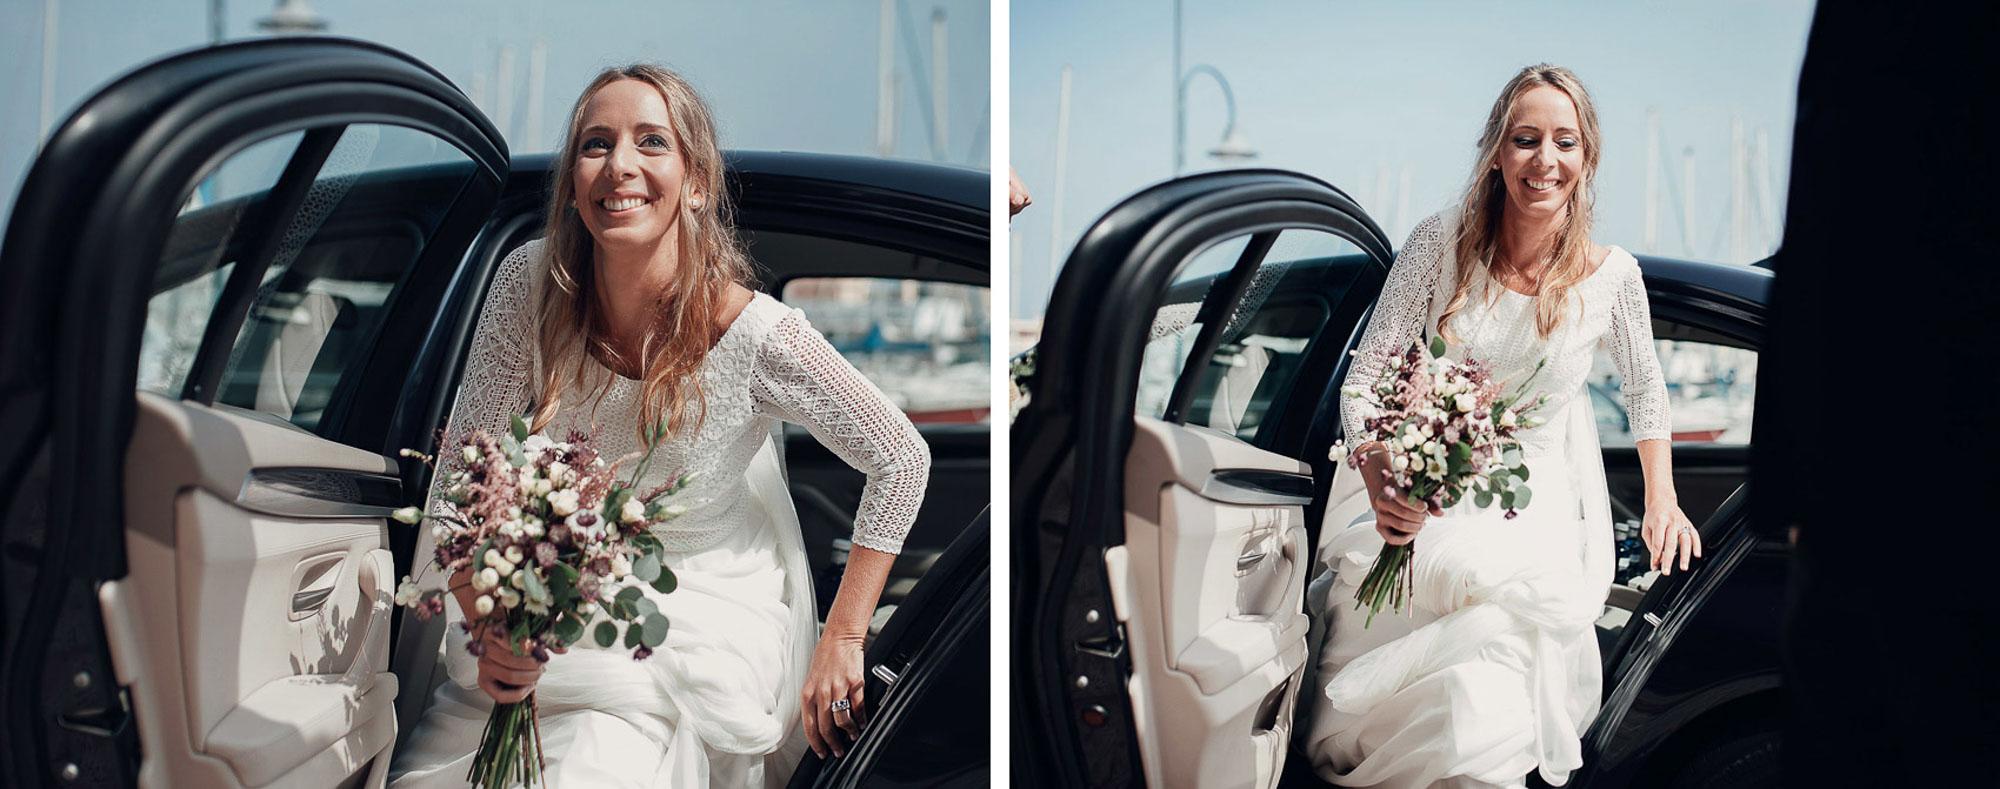 novia ramo vestido boda coche llegada iglesia wedding cabo de palos playa photography